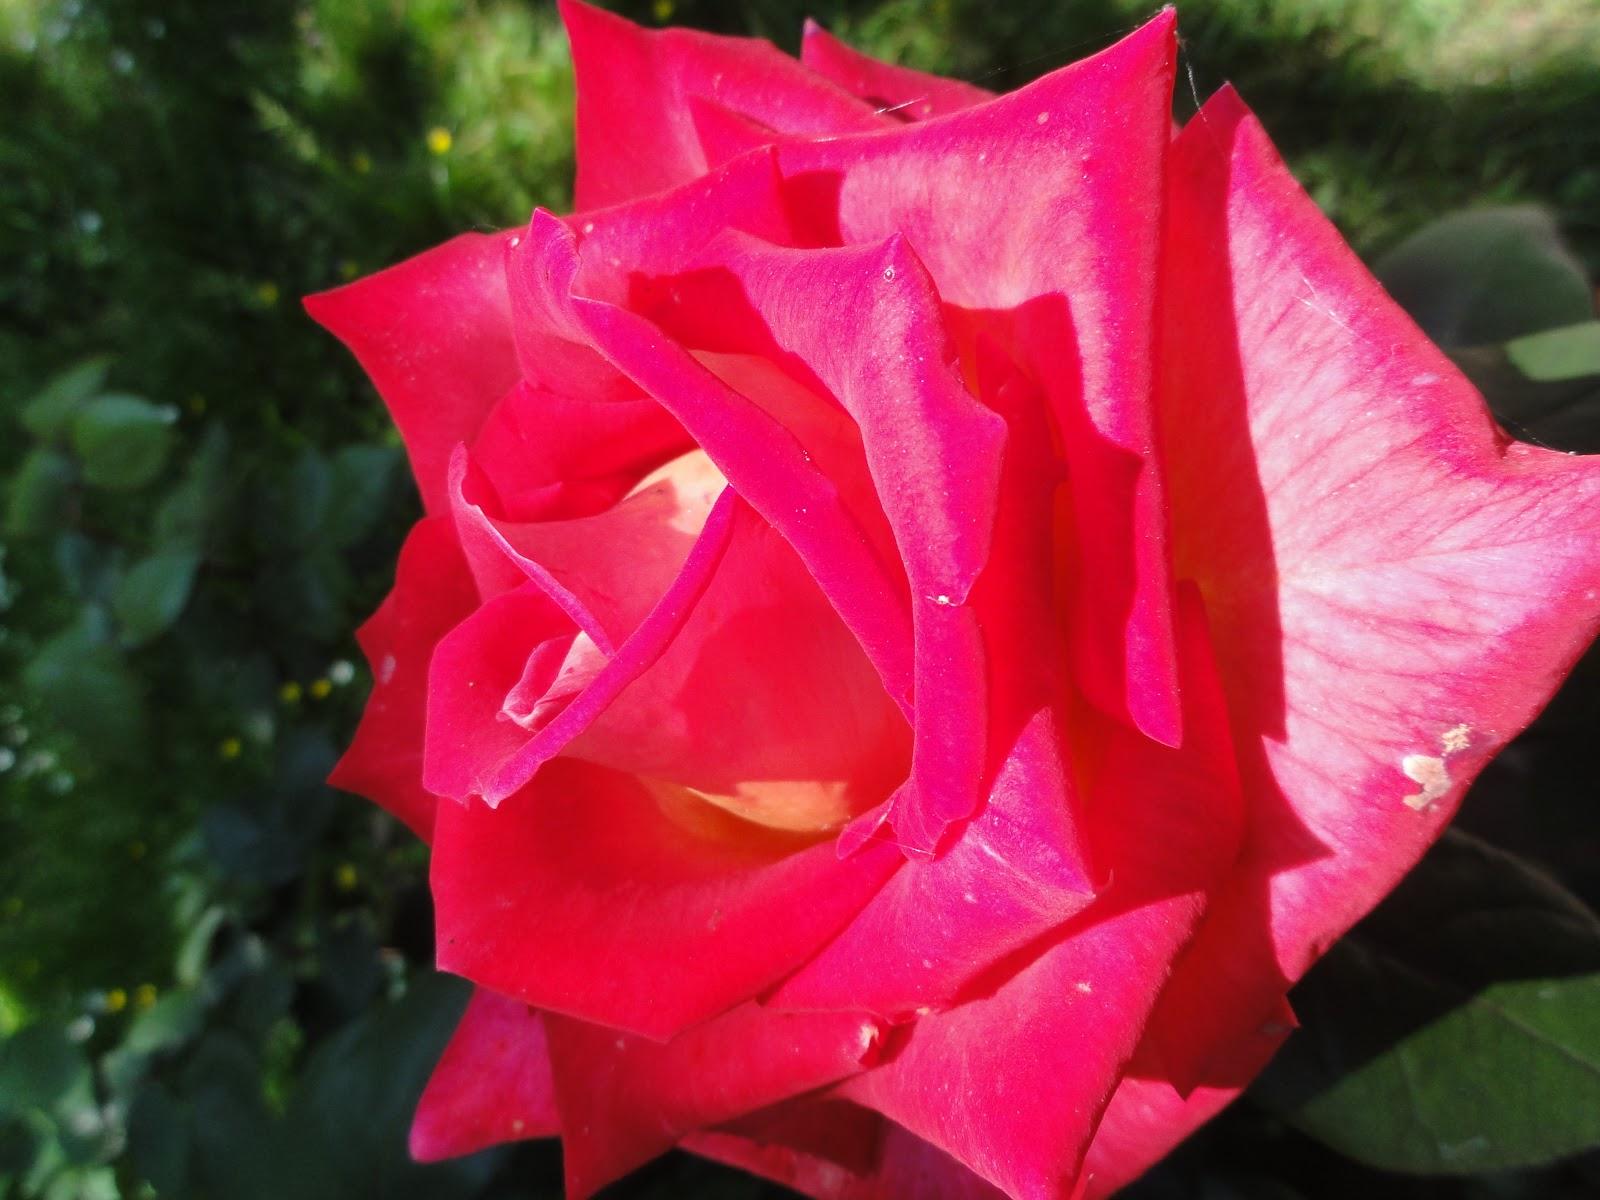 Le coquelicot rose parc et jardin d 39 acquigny france for Parc et jardin